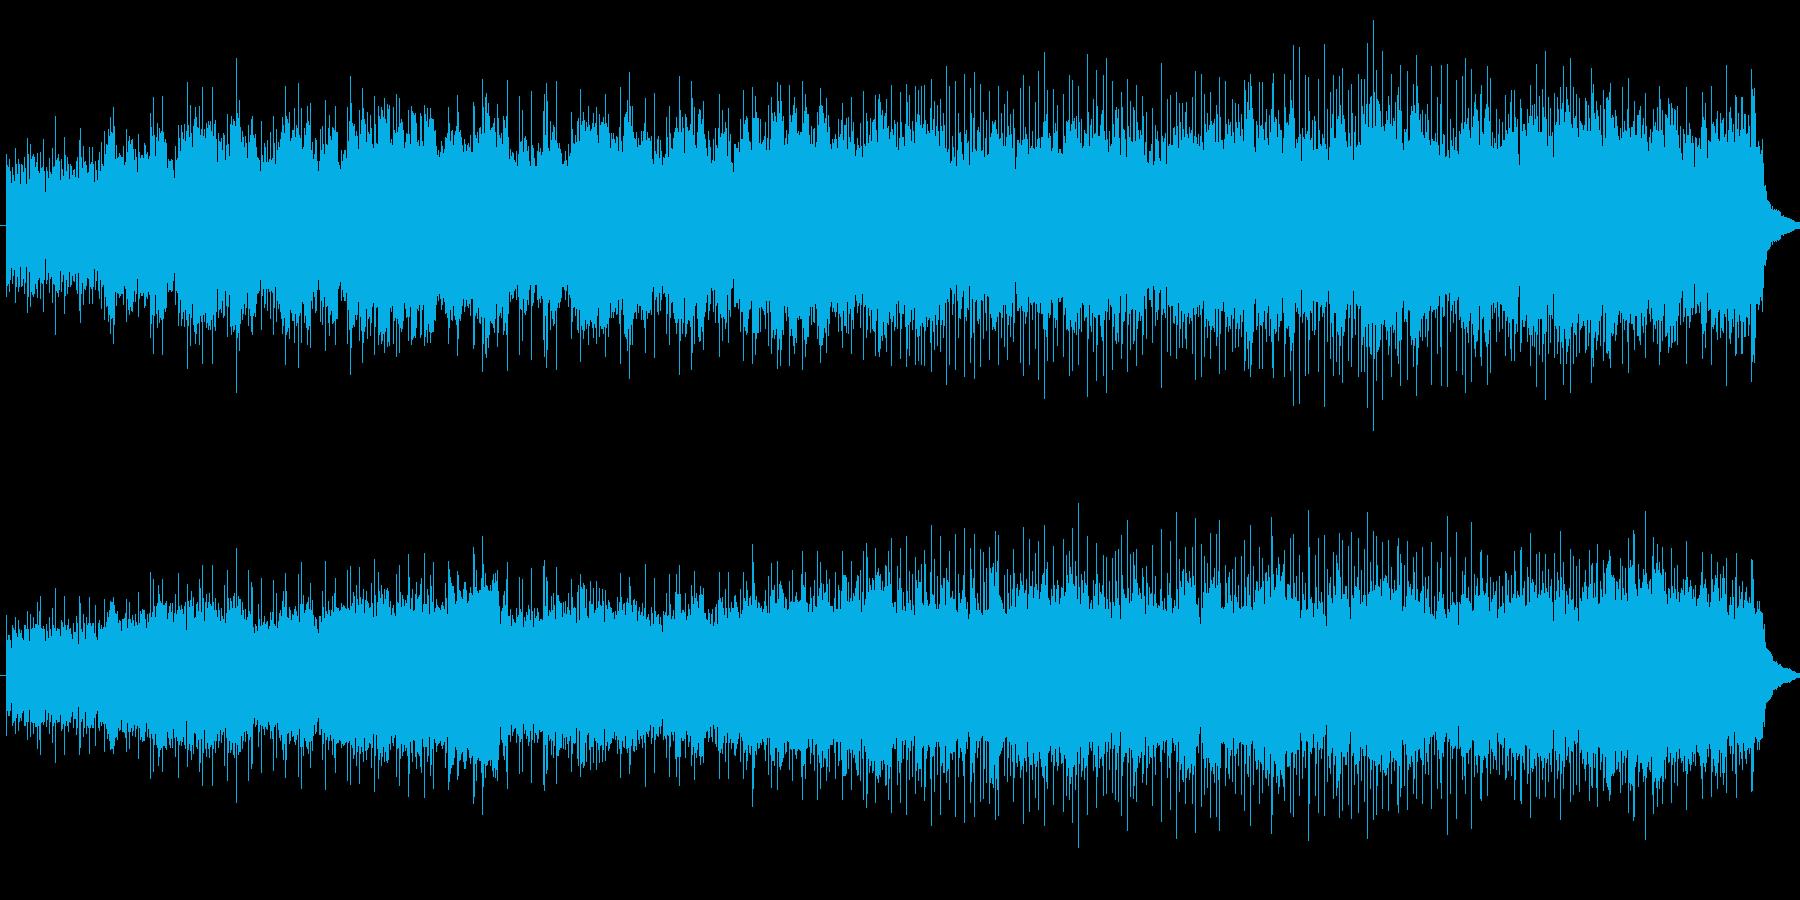 切なく純粋な感じのオーボエバラードの再生済みの波形